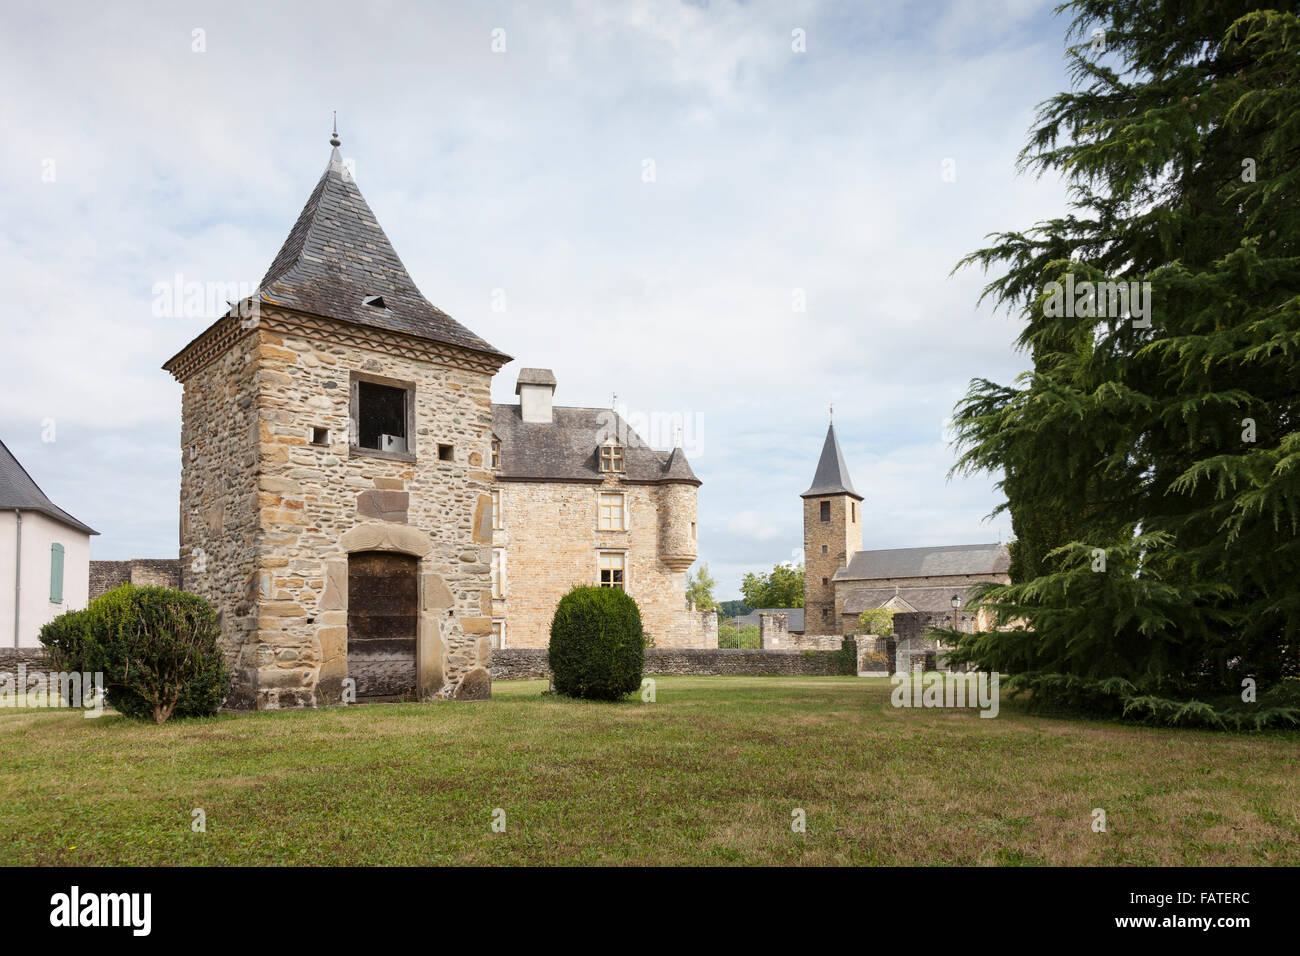 Église Saint Jean-Baptiste in the village of Aren - Pyrénées-Atlantiques, Aquitaine, France. - Stock Image